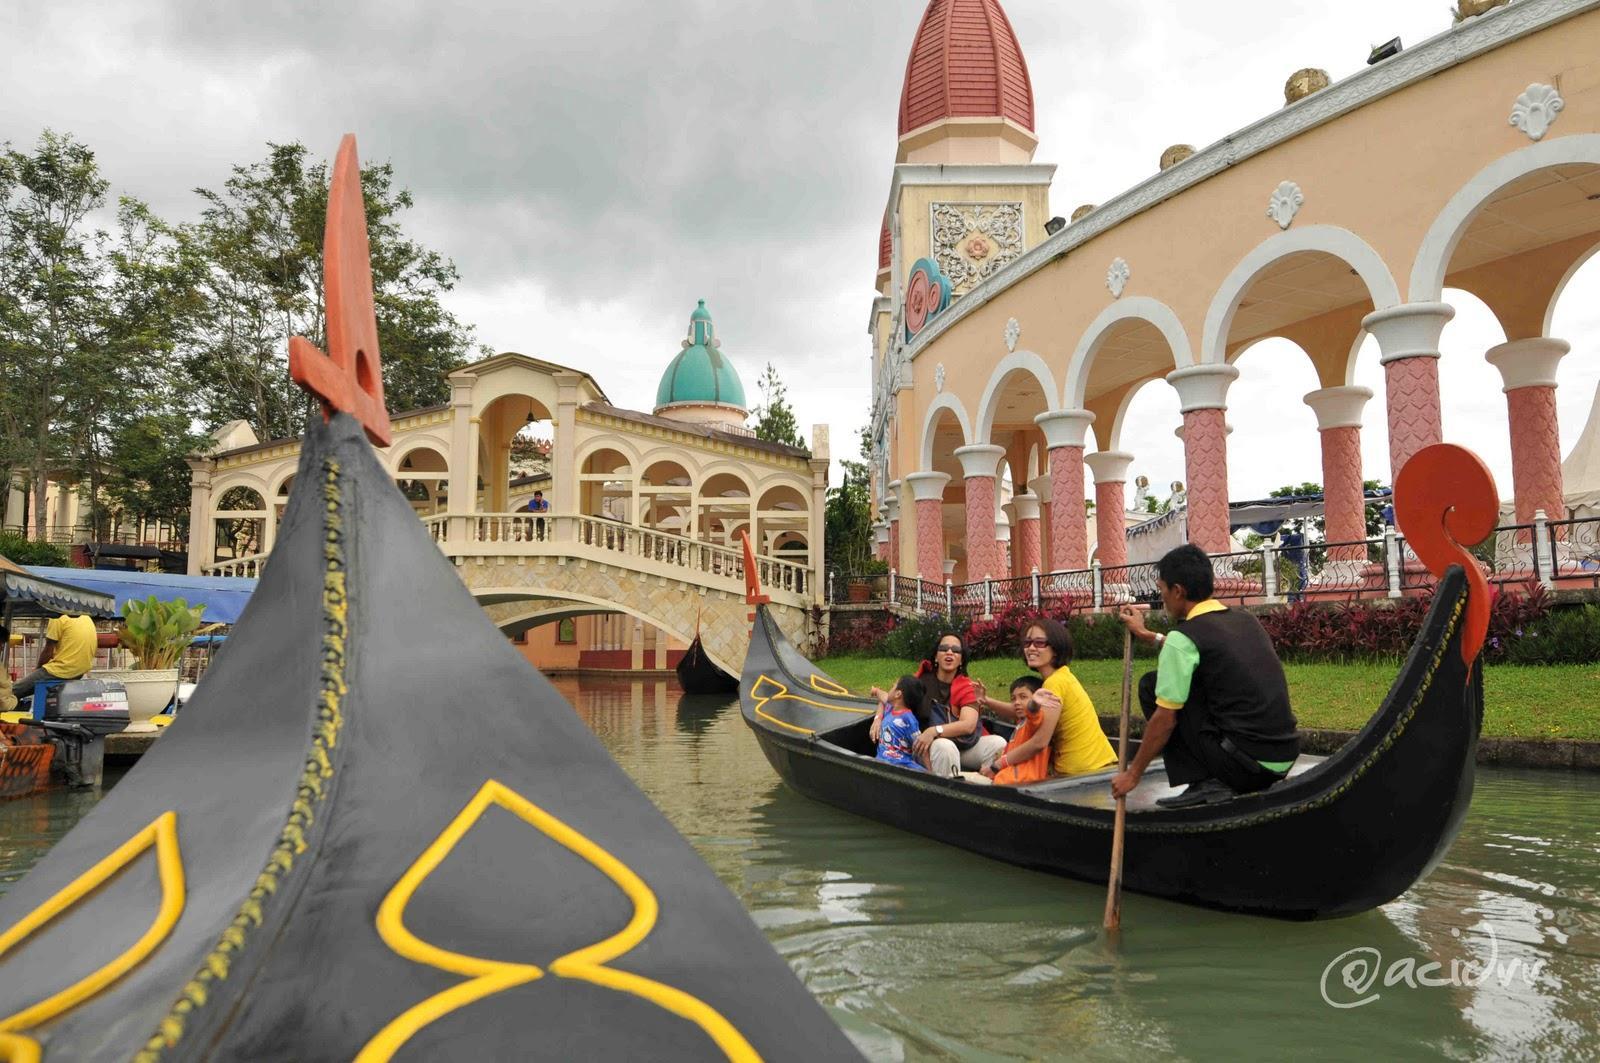 Harga tiket masuk Little Venice Kota Bunga